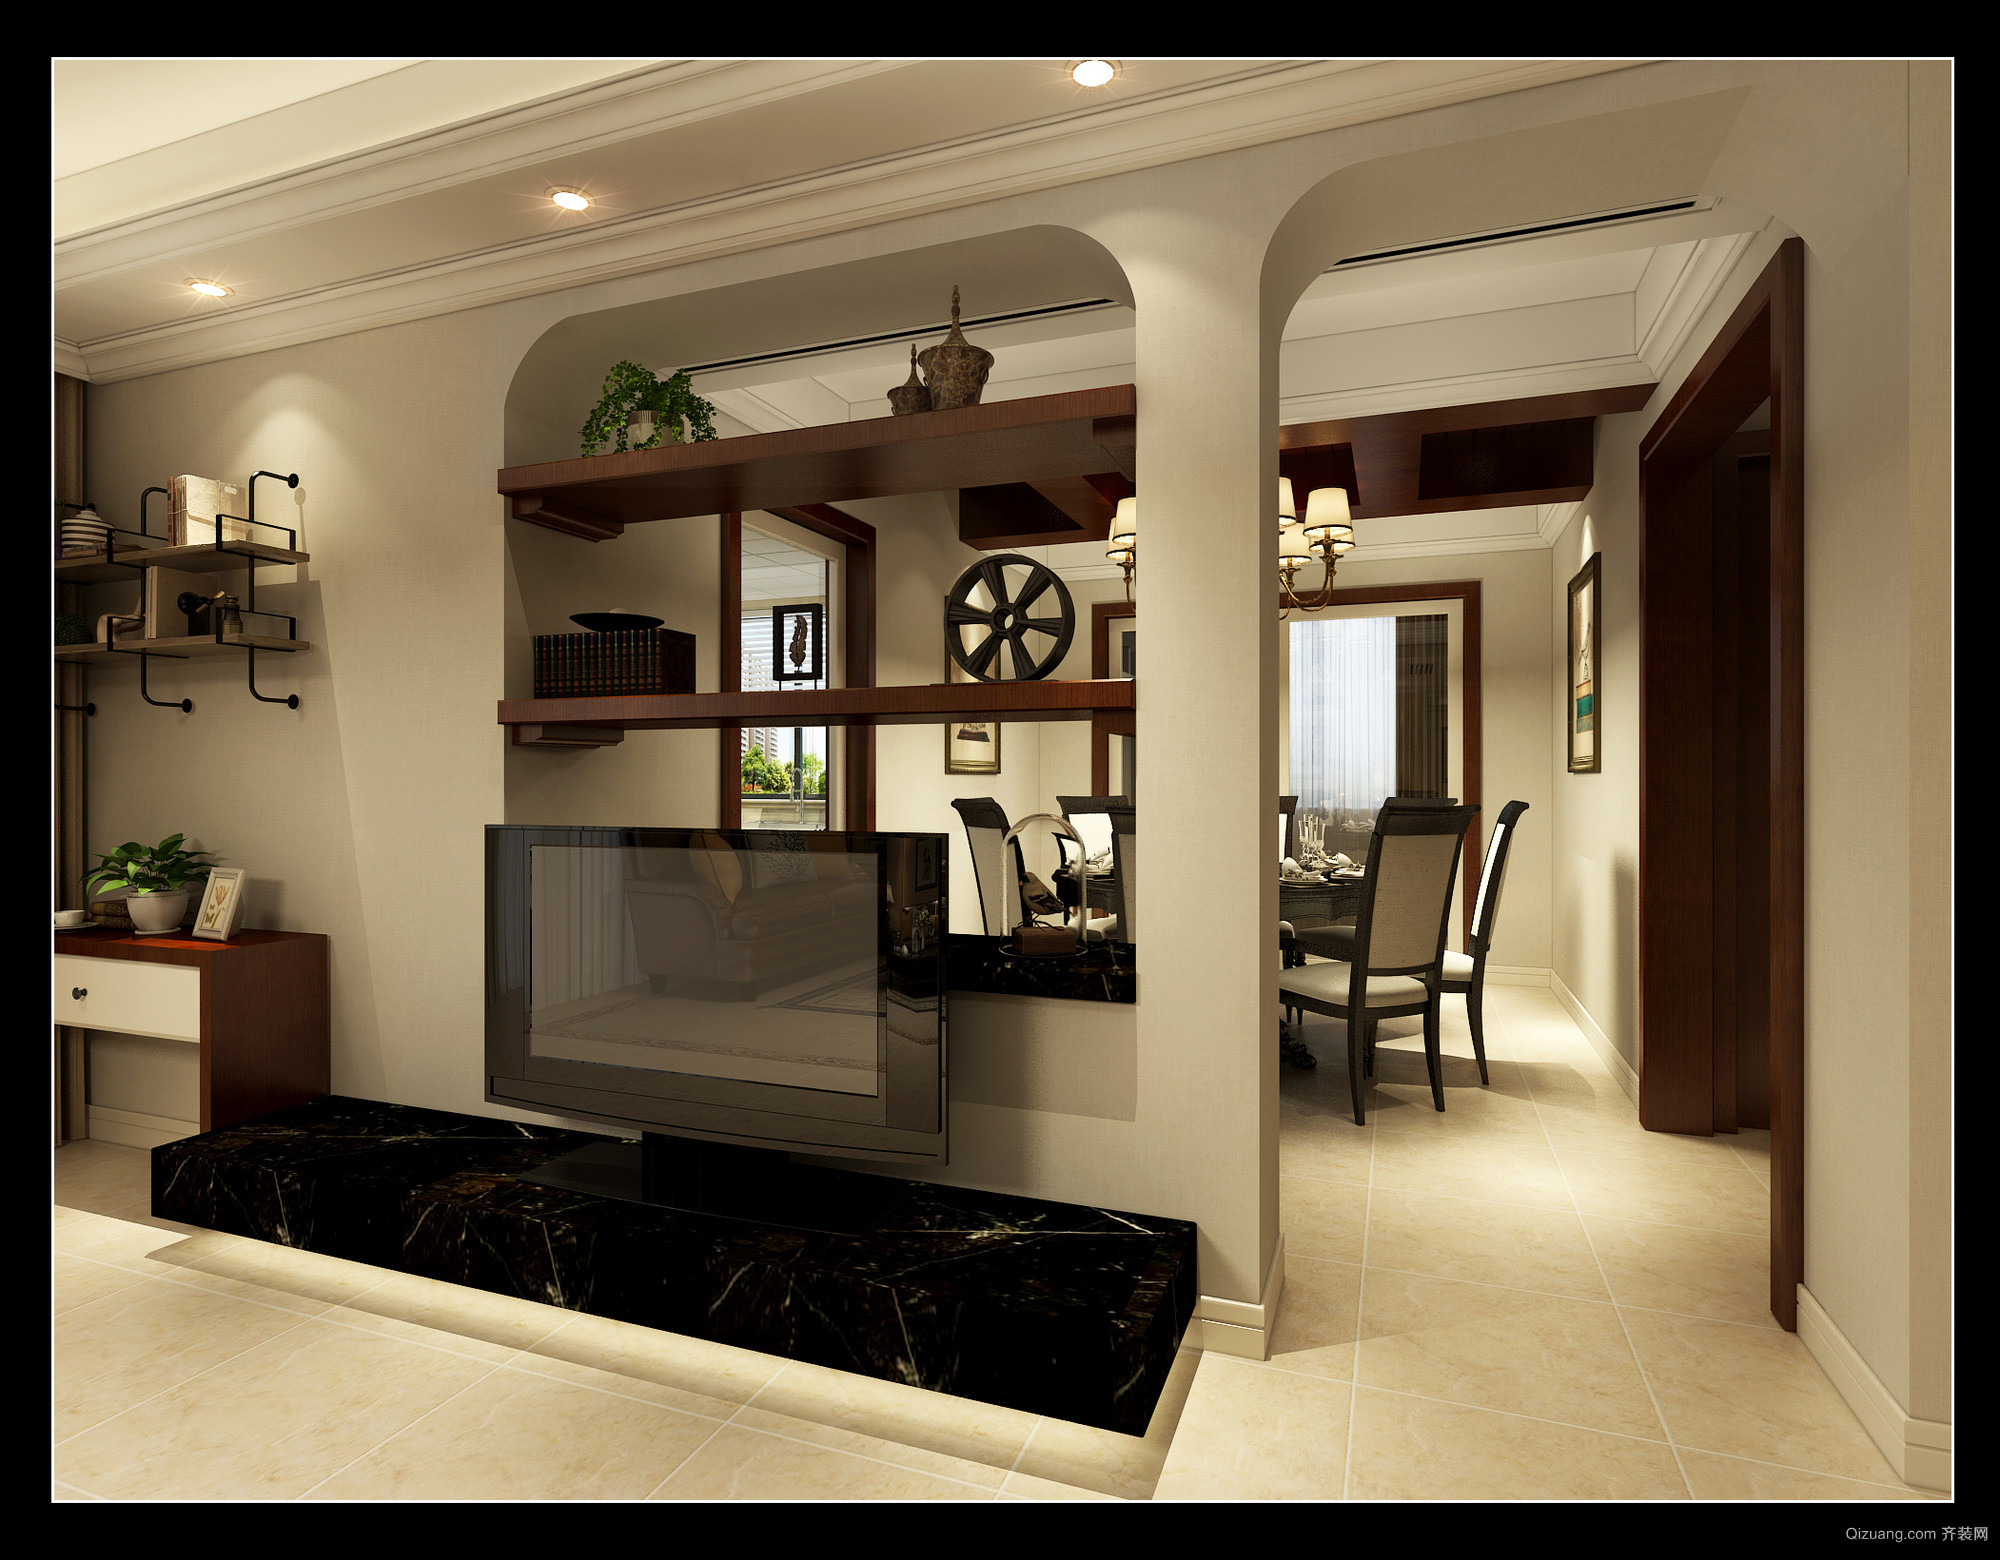 锦兰公寓美式风格装修效果图实景图